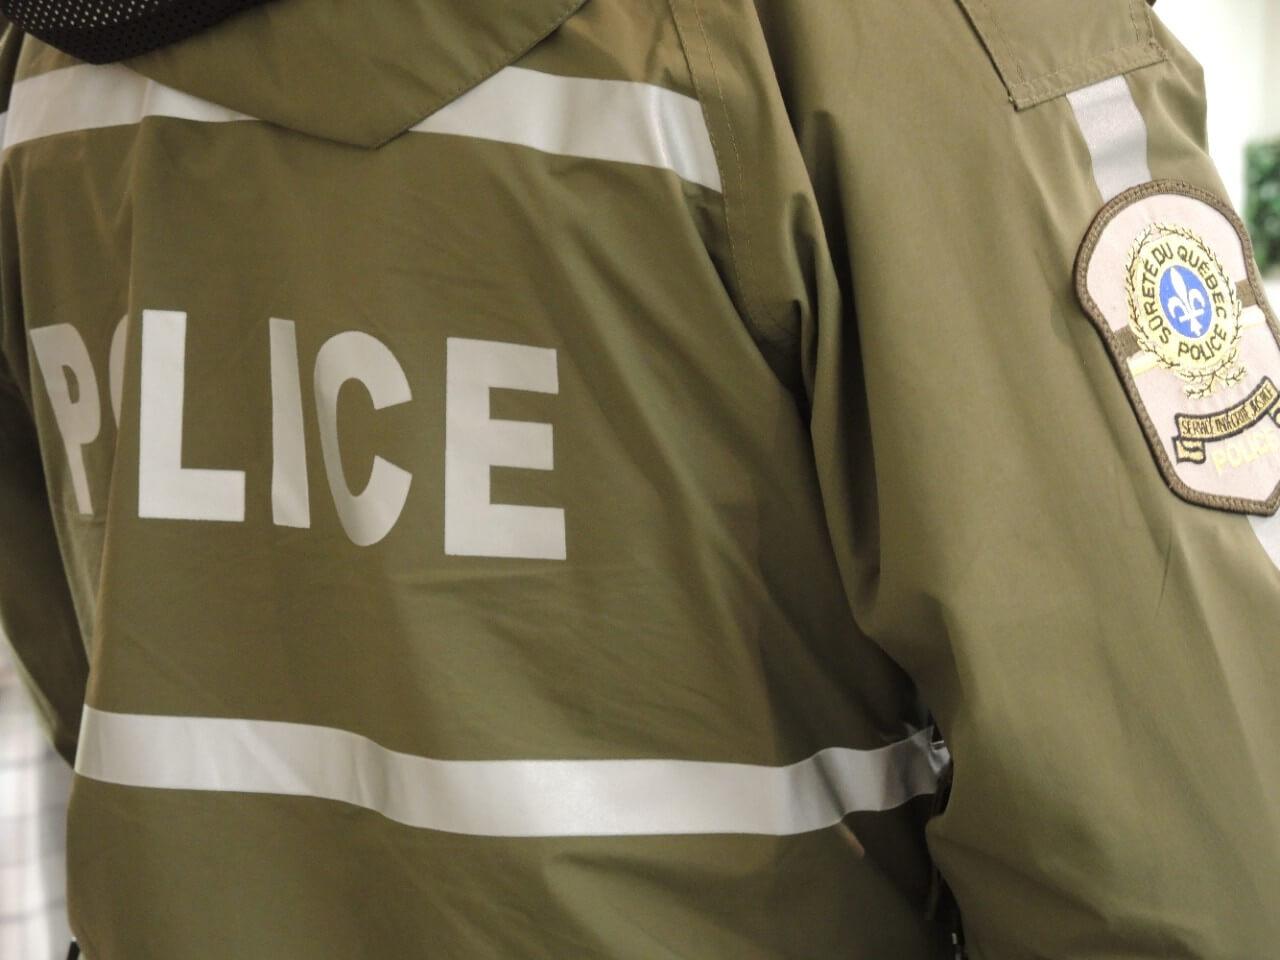 SQ police